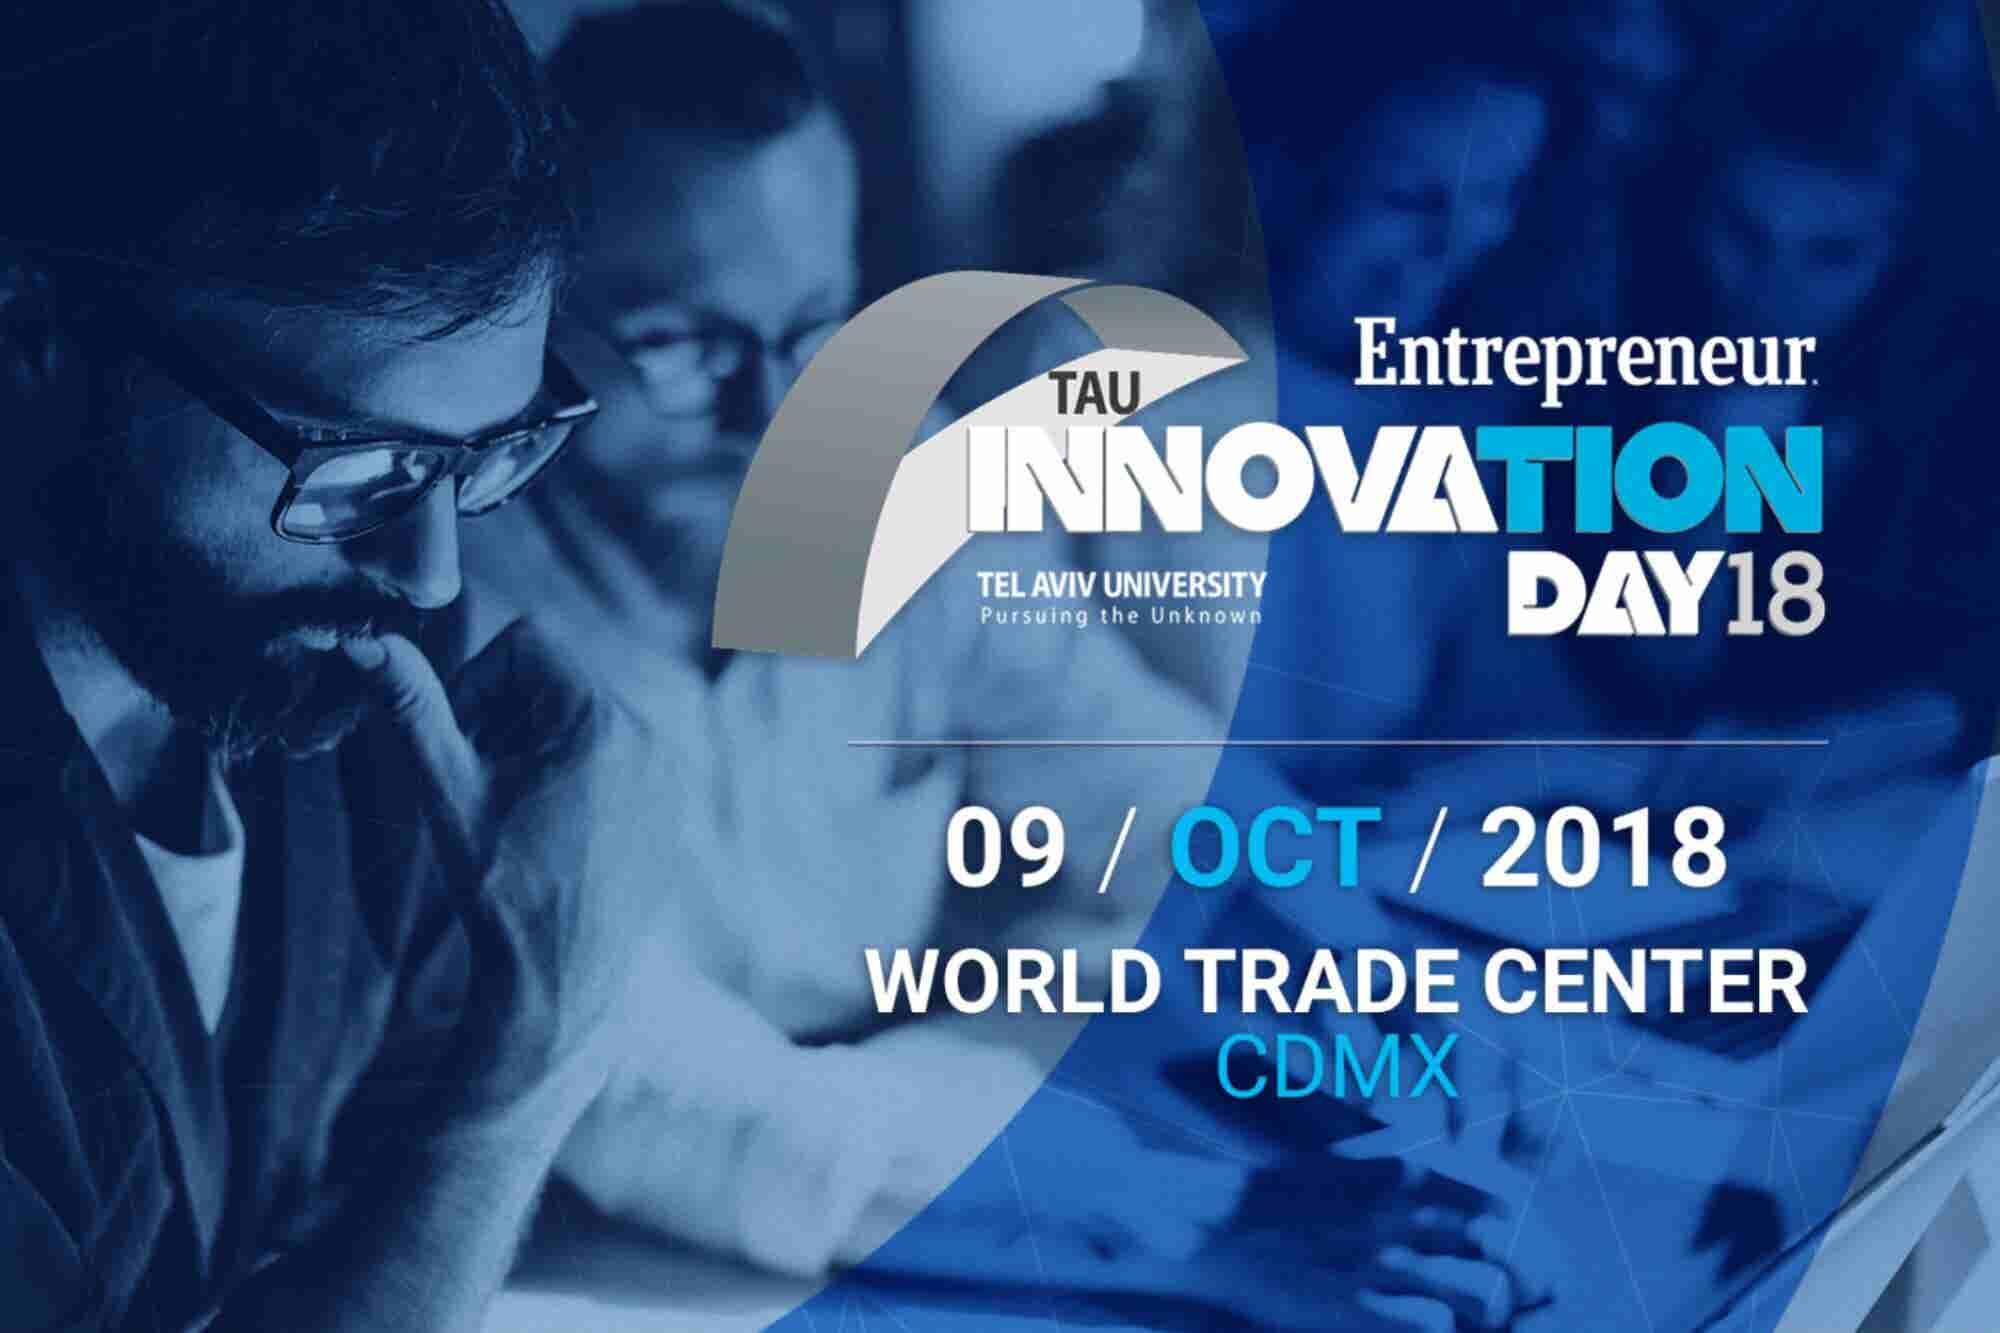 ¿Quieres tener un negocio innovador? Innovation Day 18 es el evento al que tienes que asistir